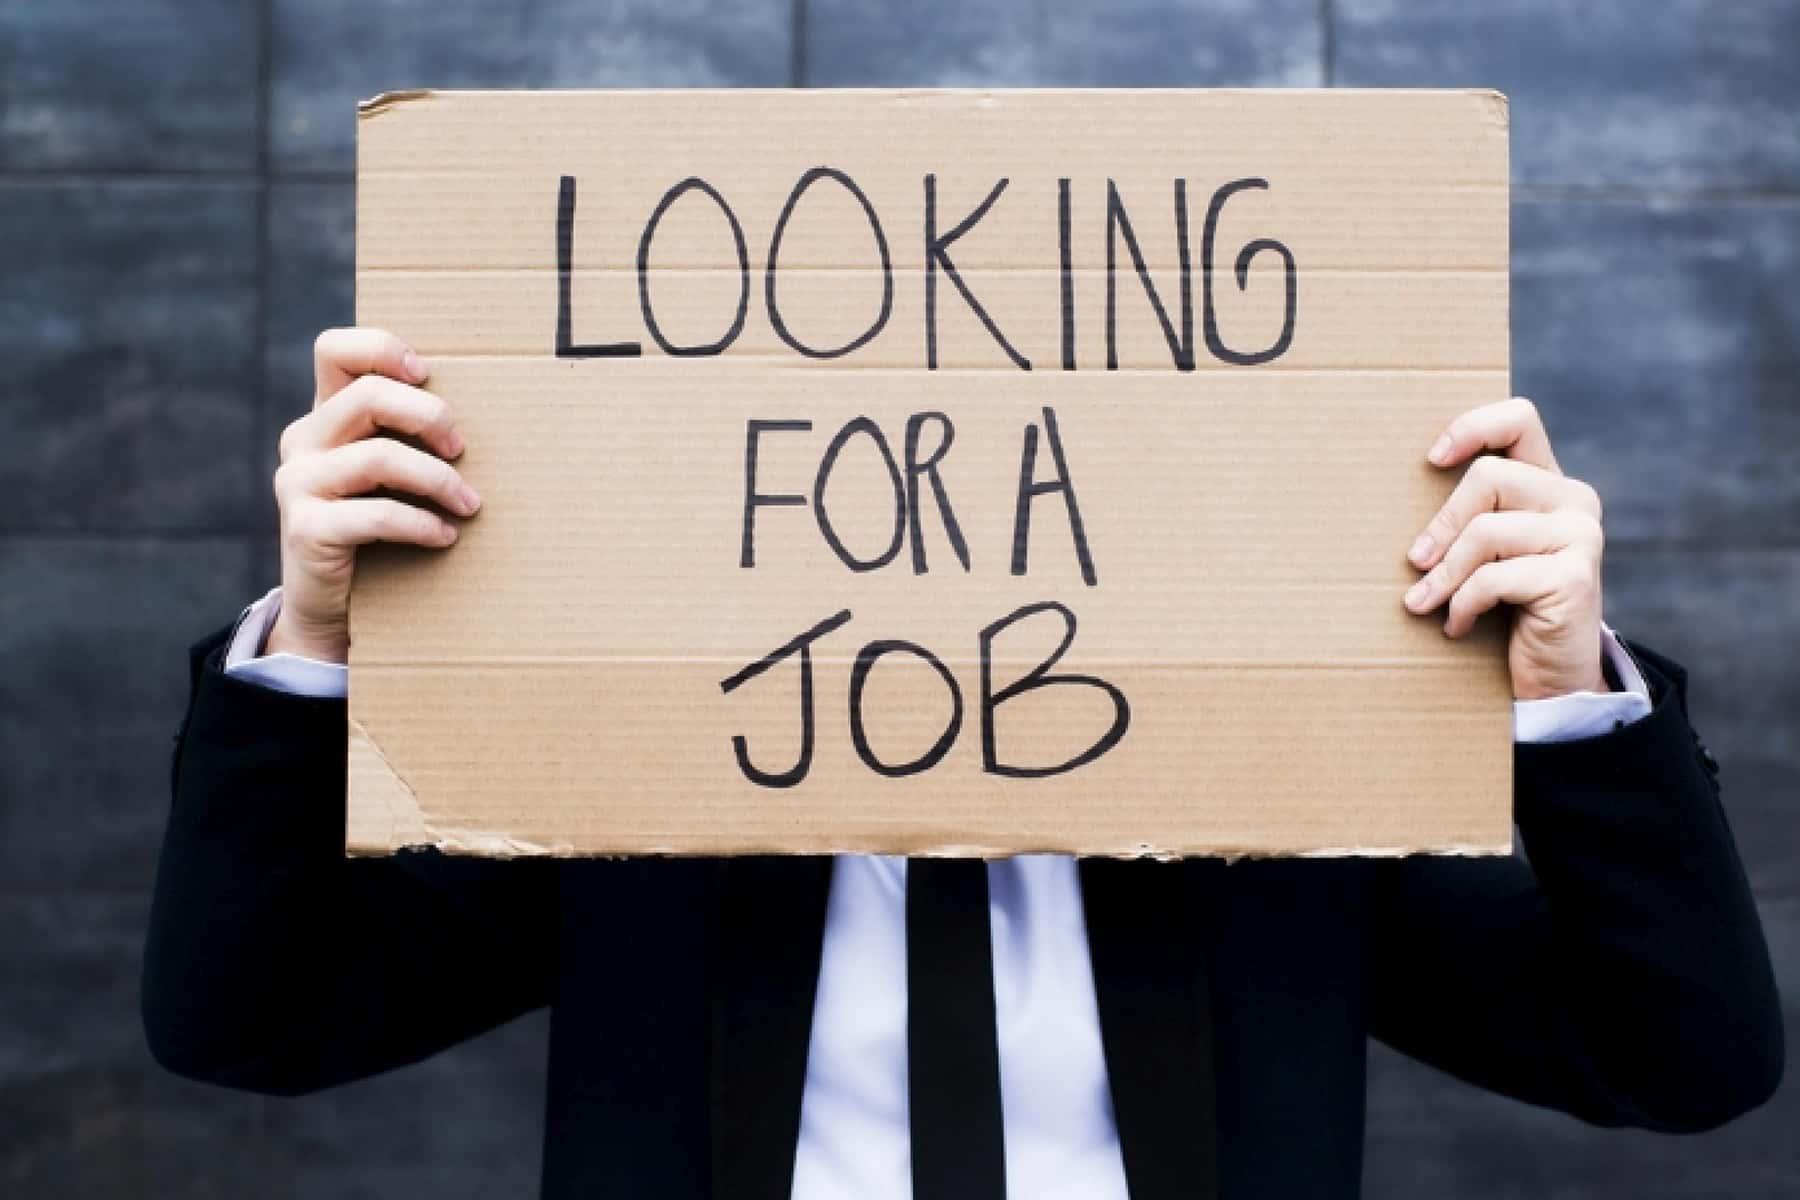 042220_unemployment_03